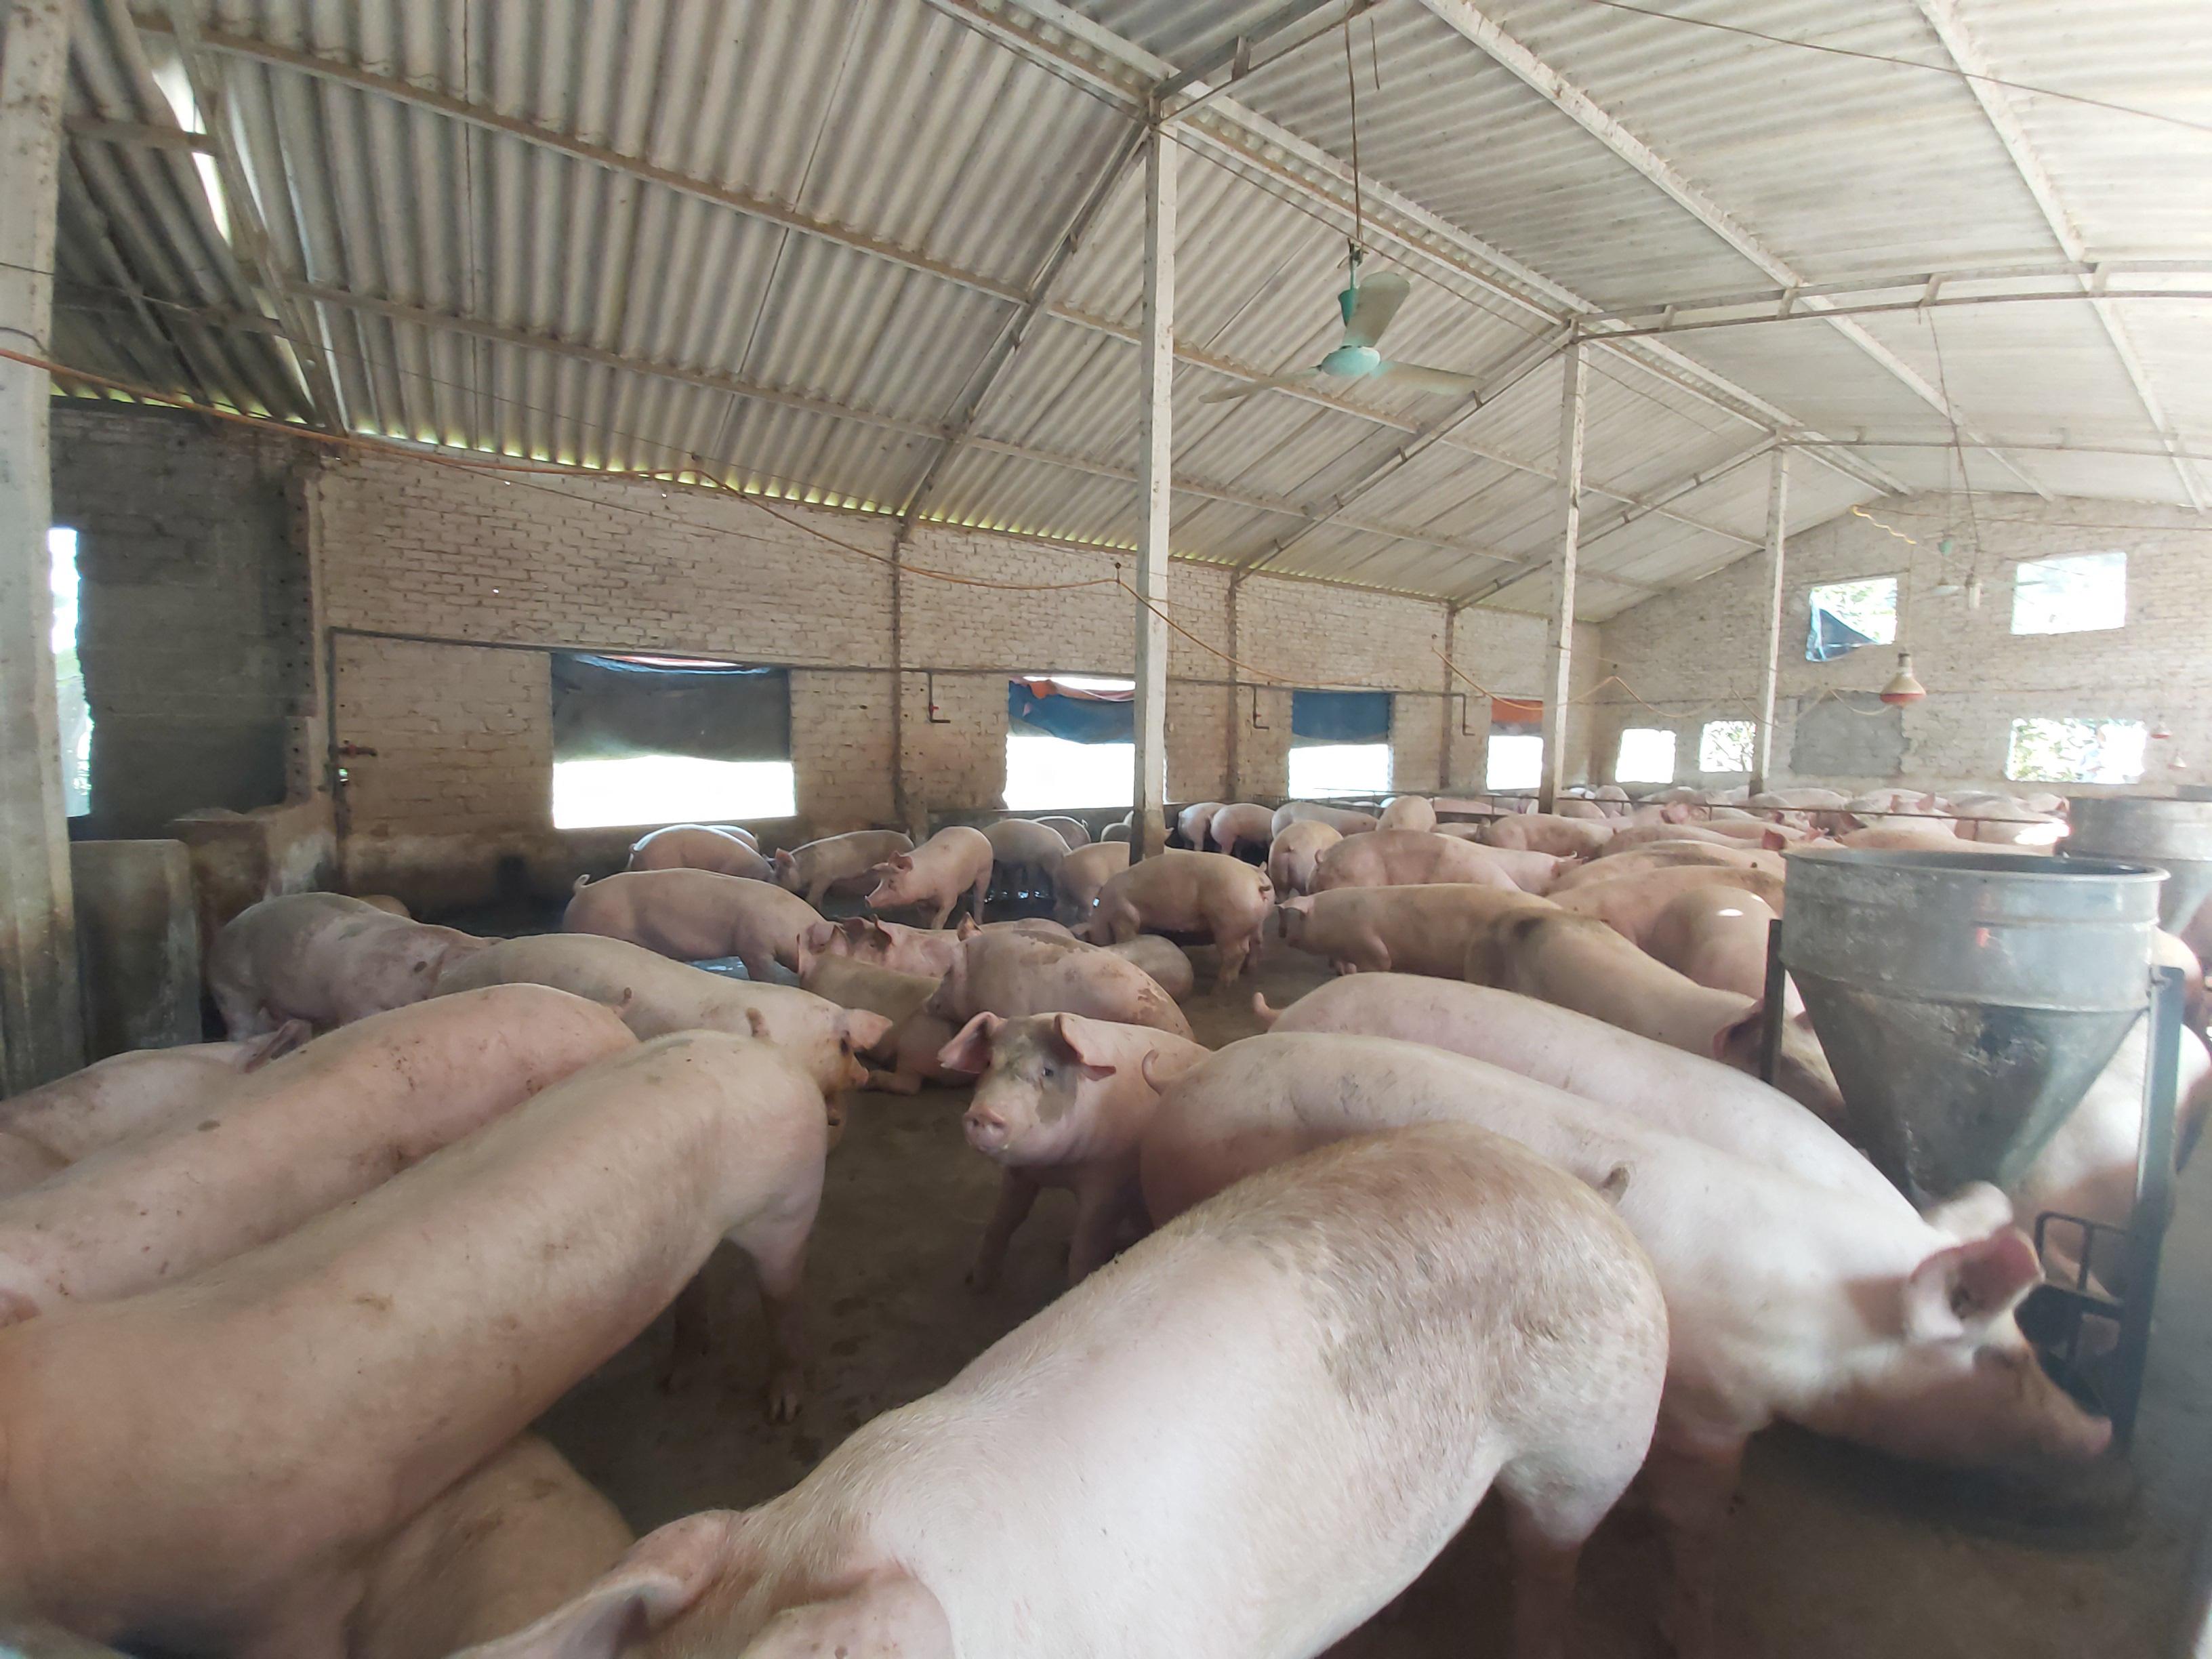 Giá heo hơi hôm nay 28/5: Giá thức ăn chăn nuôi tăng chóng mặt, nông dân sợ lỗ bán gấp, giá heo hơi giảm thêm - Ảnh 1.